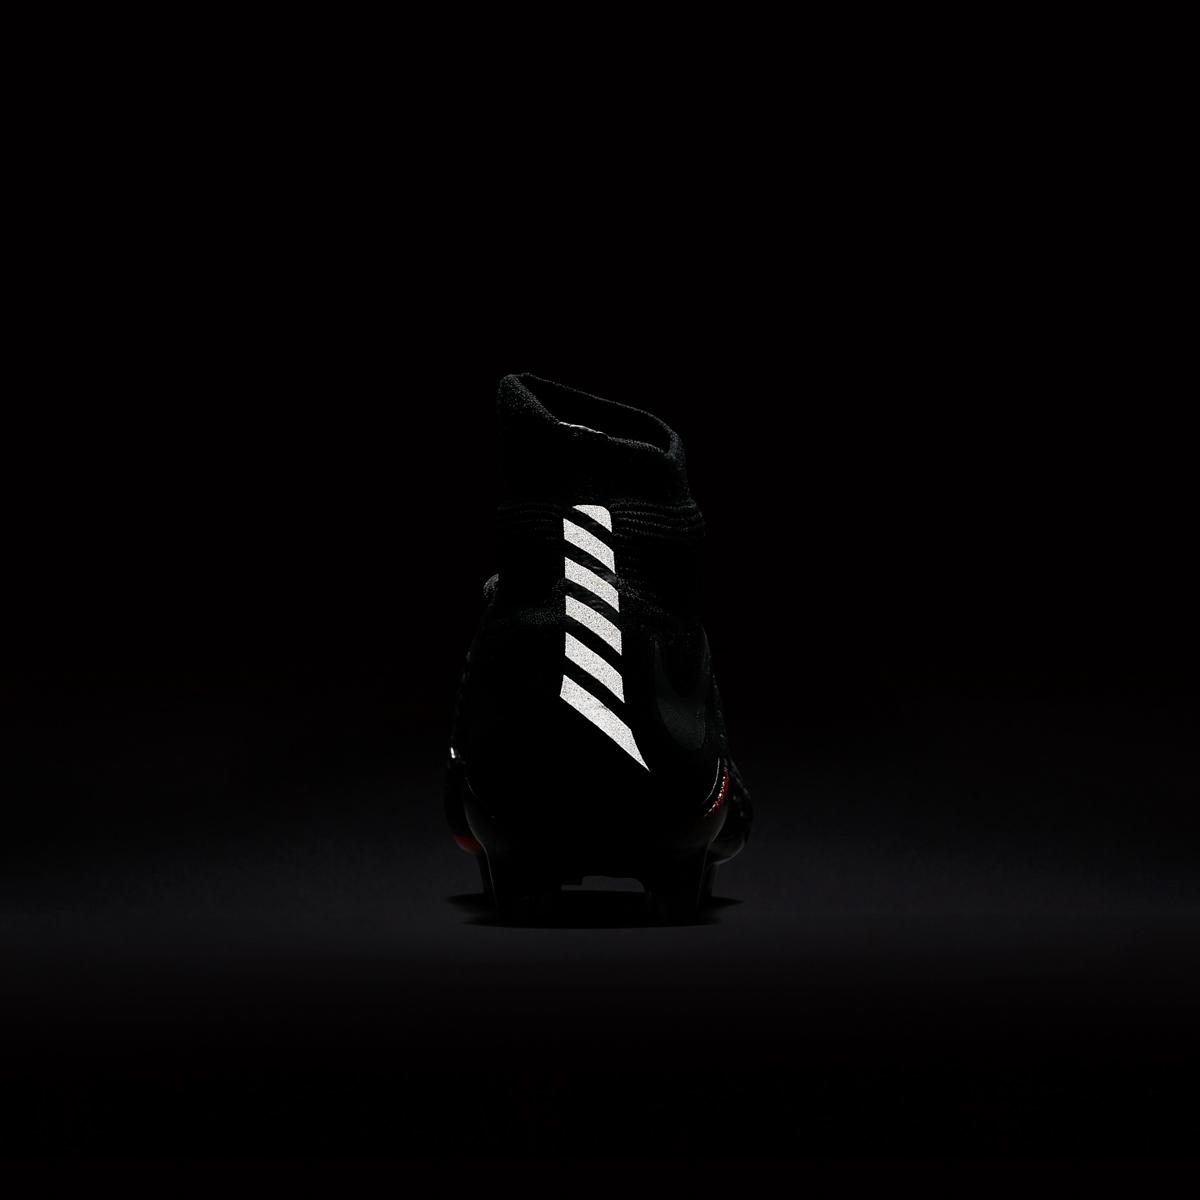 Nike Hypervenom 3 Strike Night